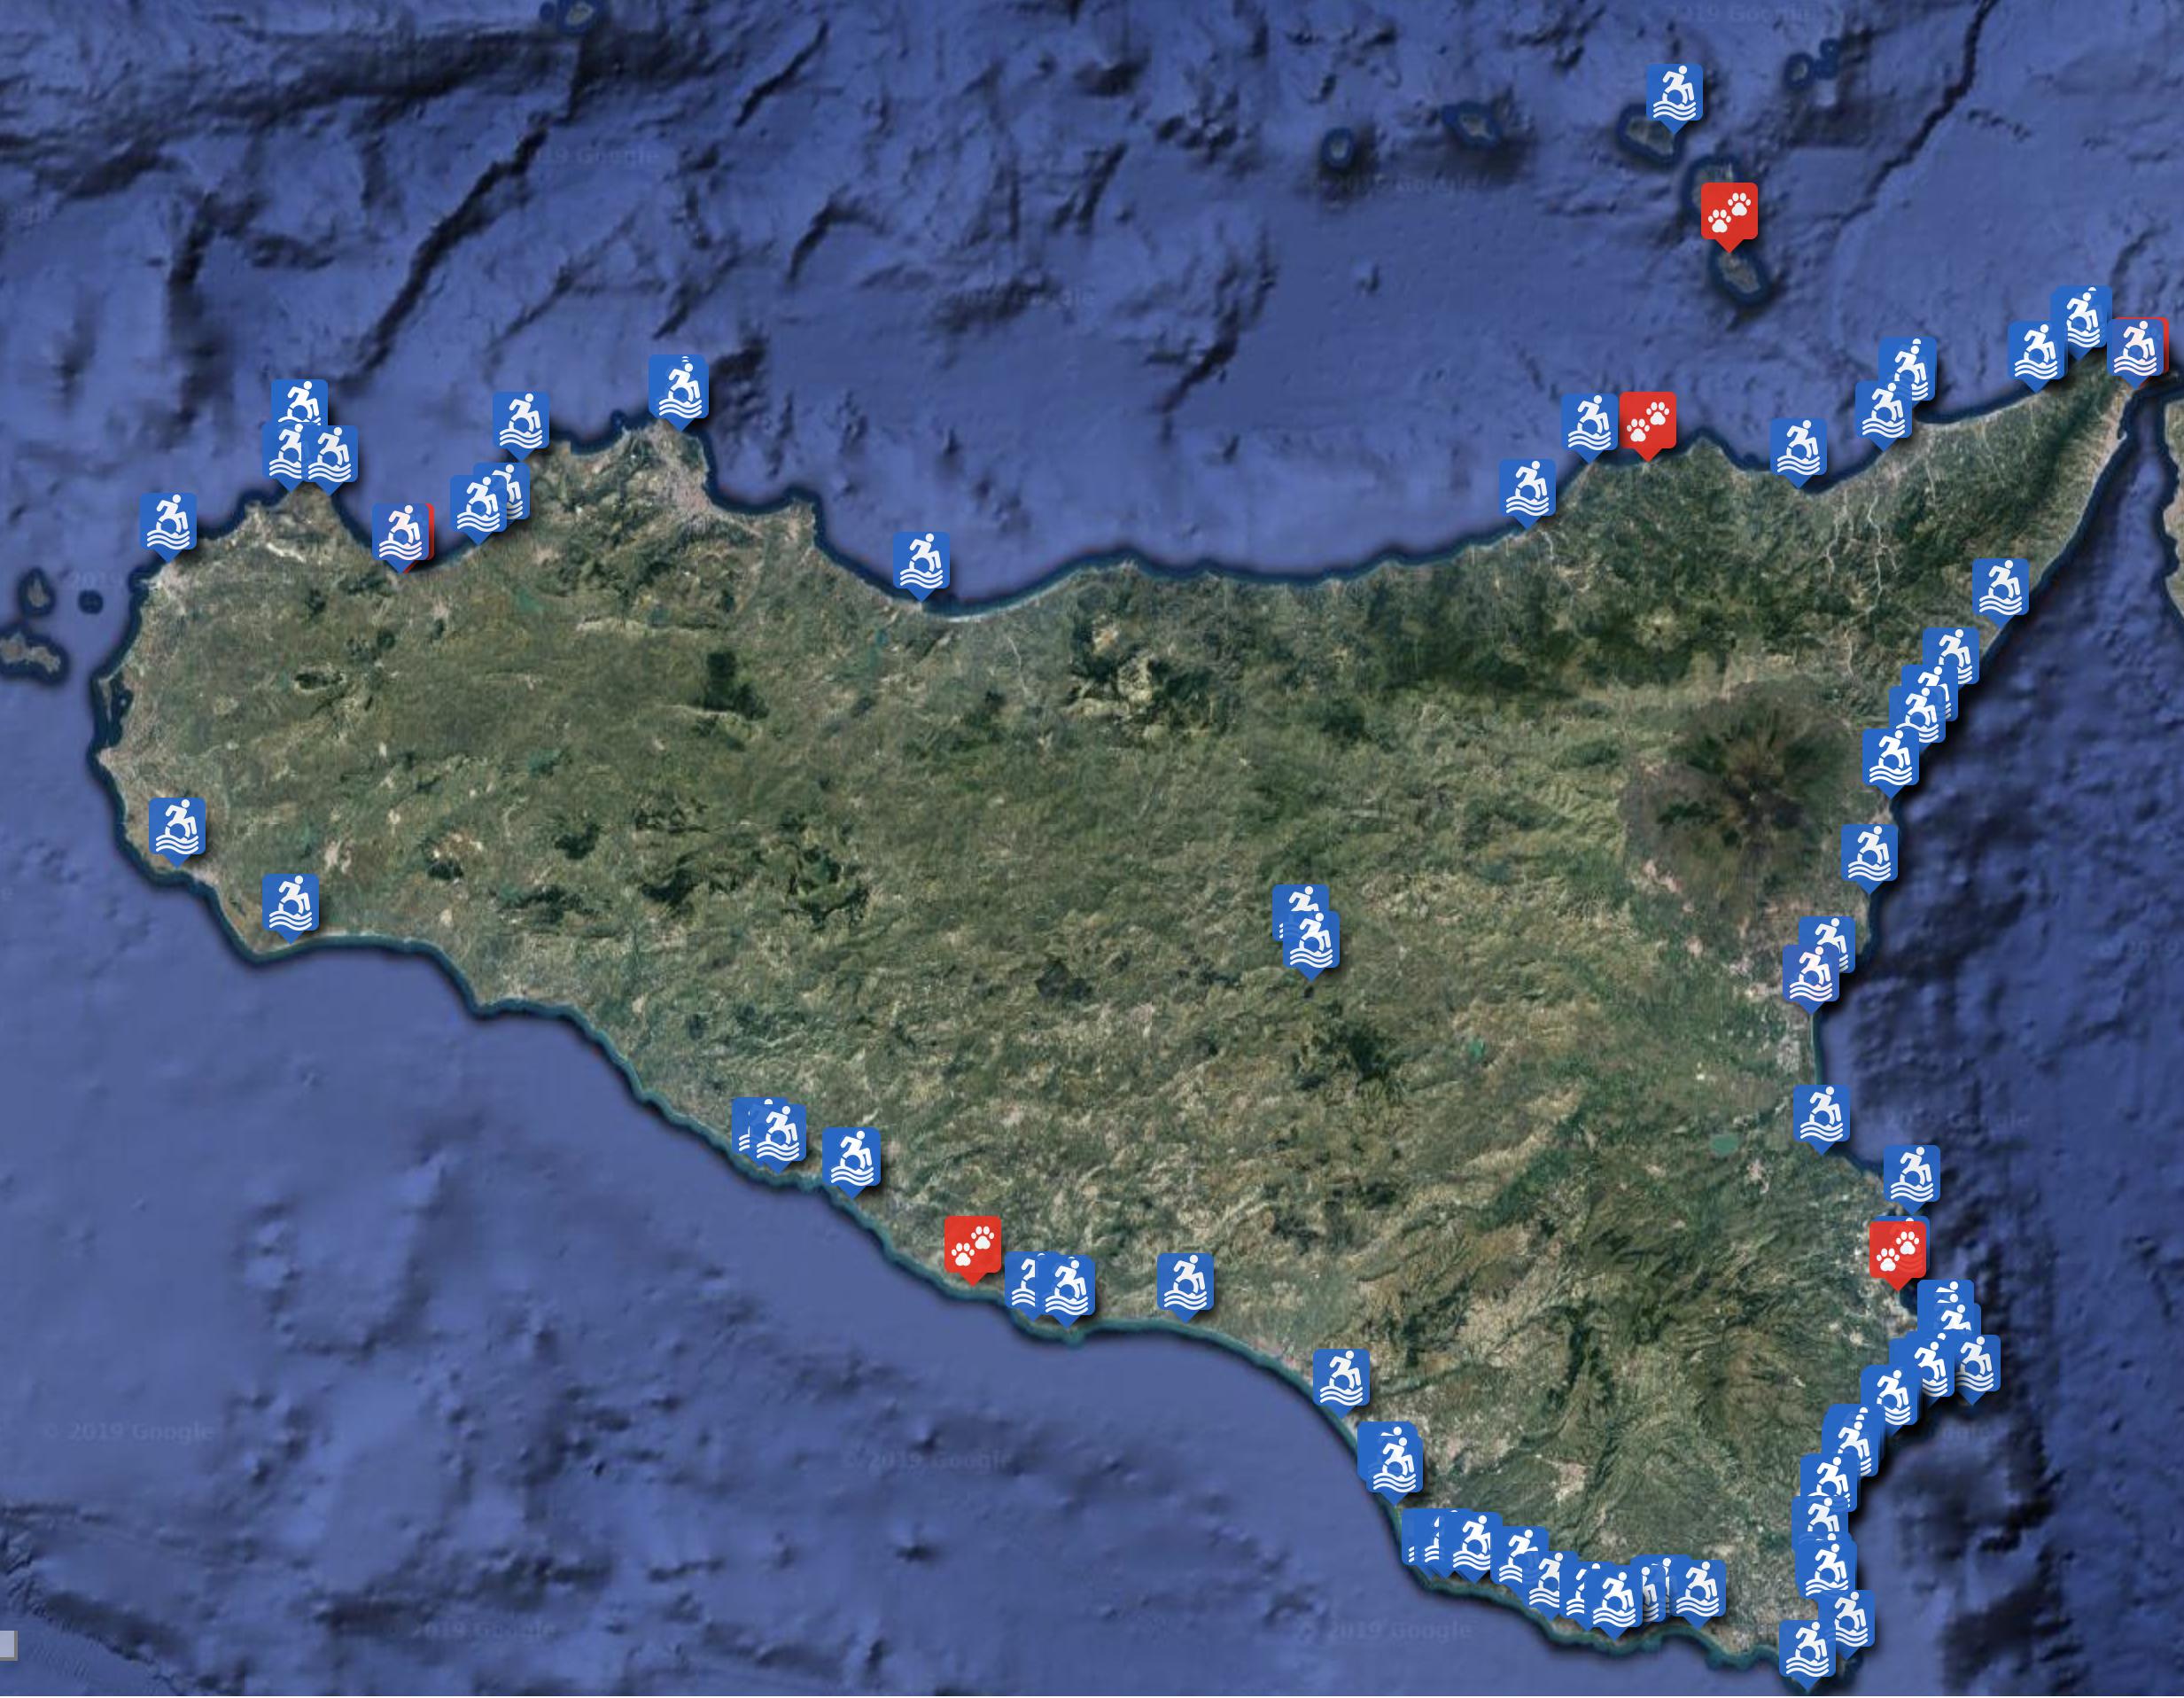 Cartina Noto Sicilia.East Sicily Consulta La Mappa Con Le Spiagge E I Lidi Delle Strutture Balneari Accessibili In Sicilia East Sicily